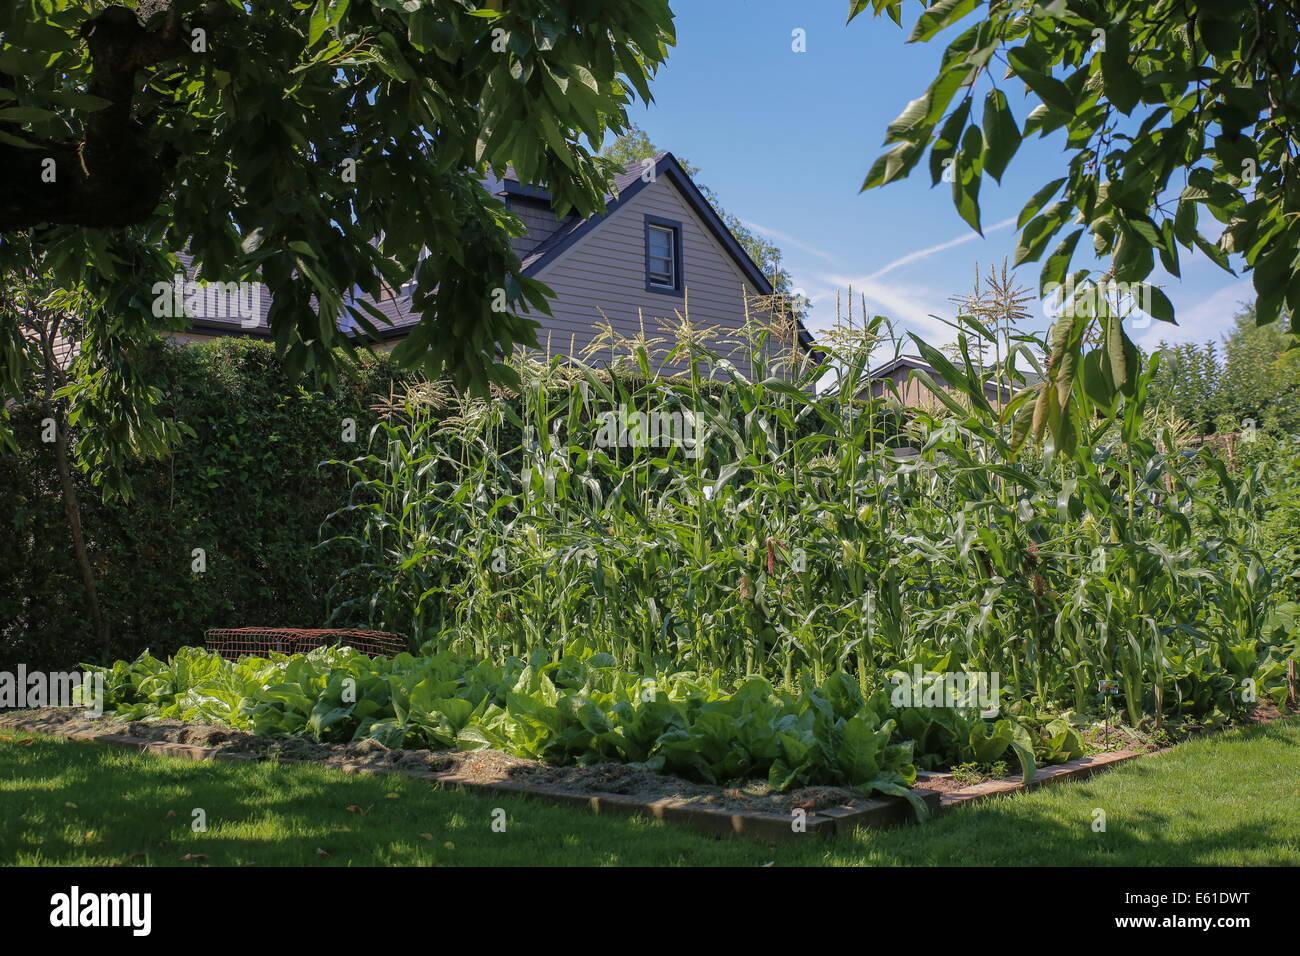 growing corn backyard vegetable garden - Stock Image